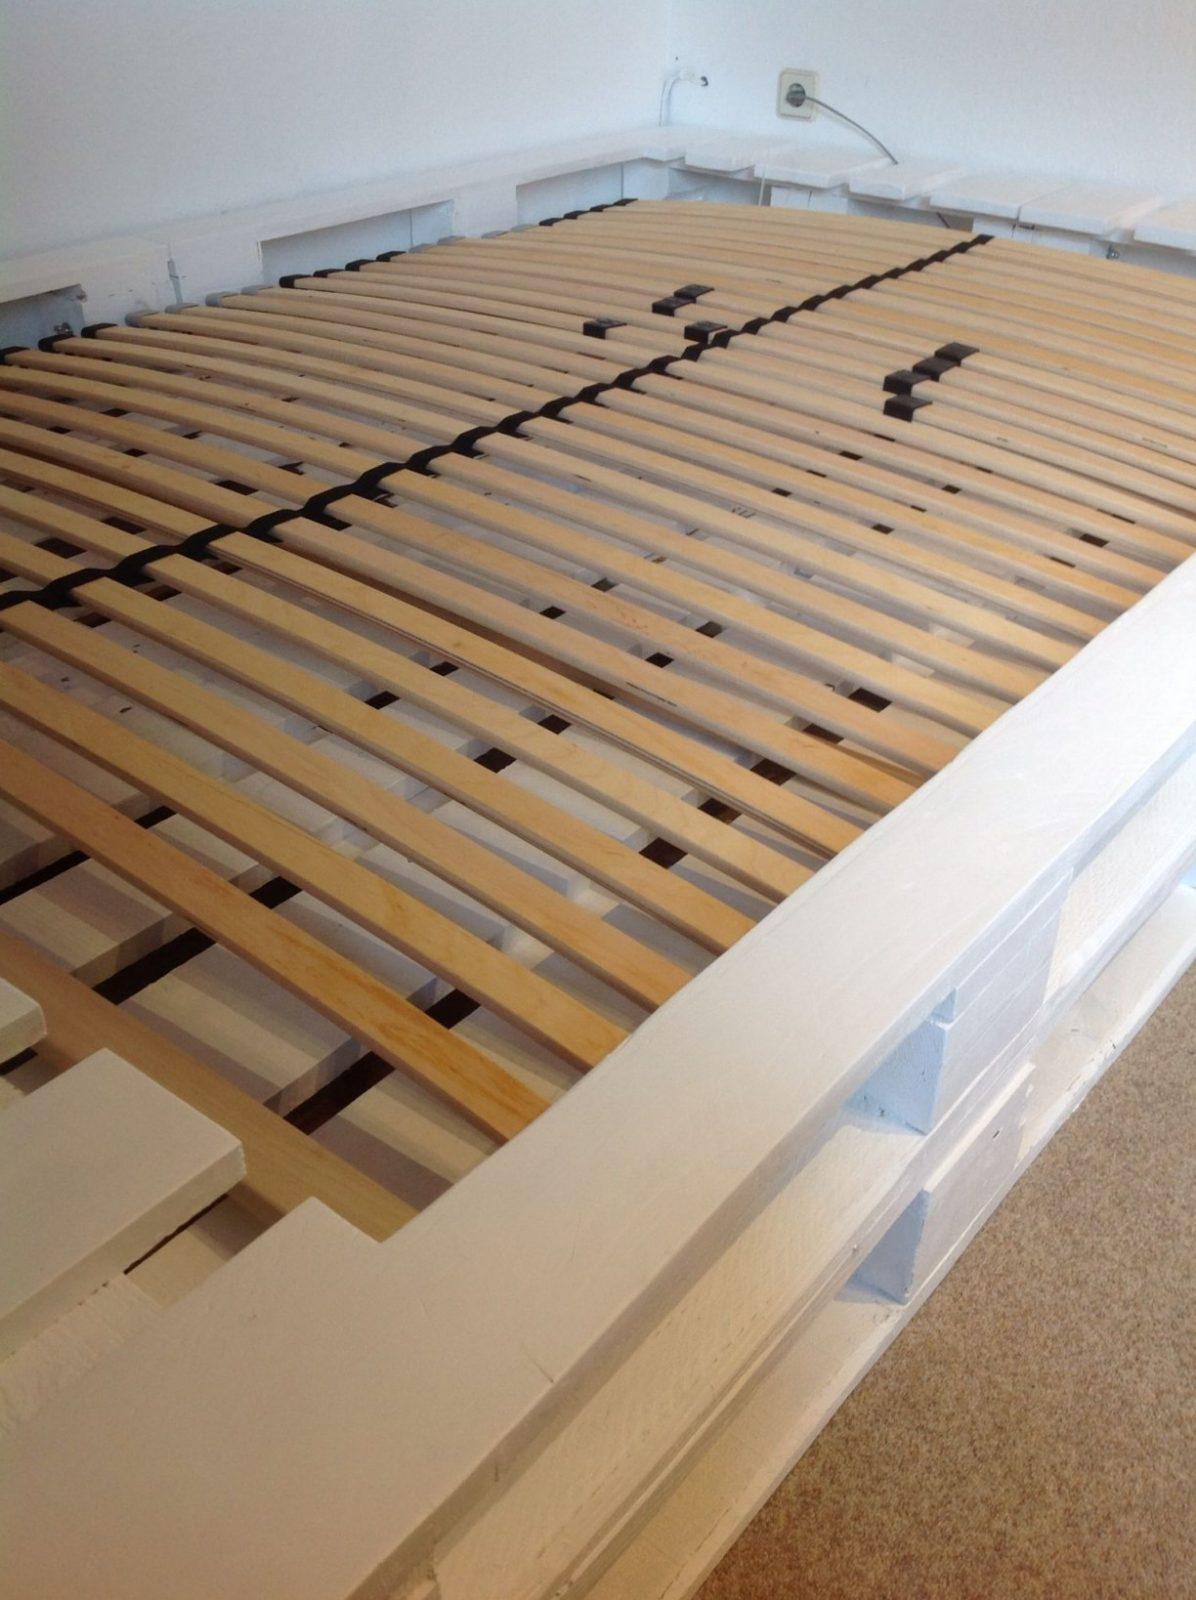 Palettenbett Mit Lattenrost In Weiß  Mein Zimmer In 2019 von Europaletten Bett Mit Lattenrost Bild